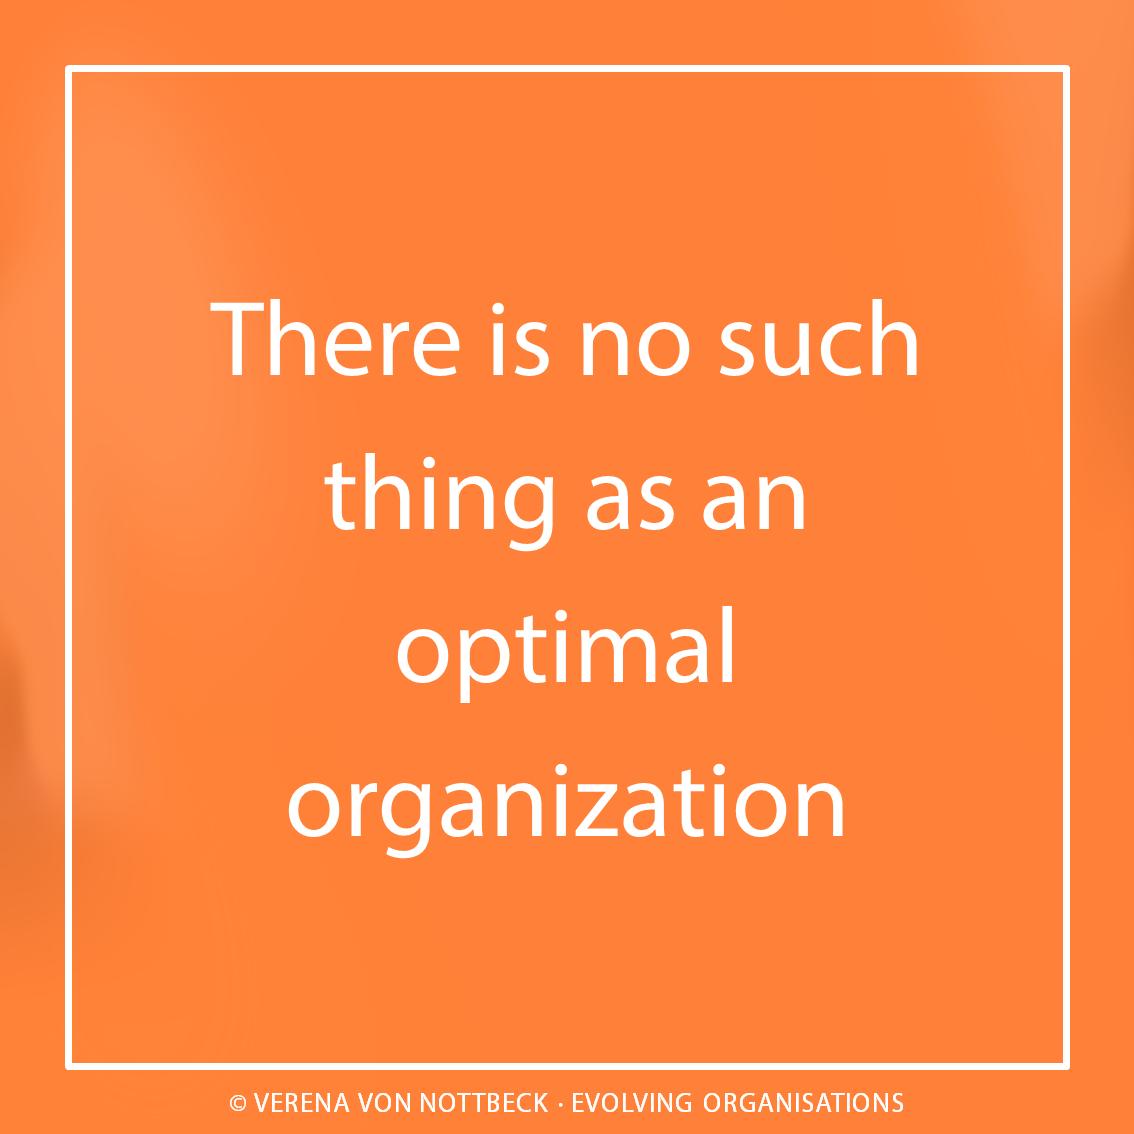 Es gibt keine optimale Organisation.